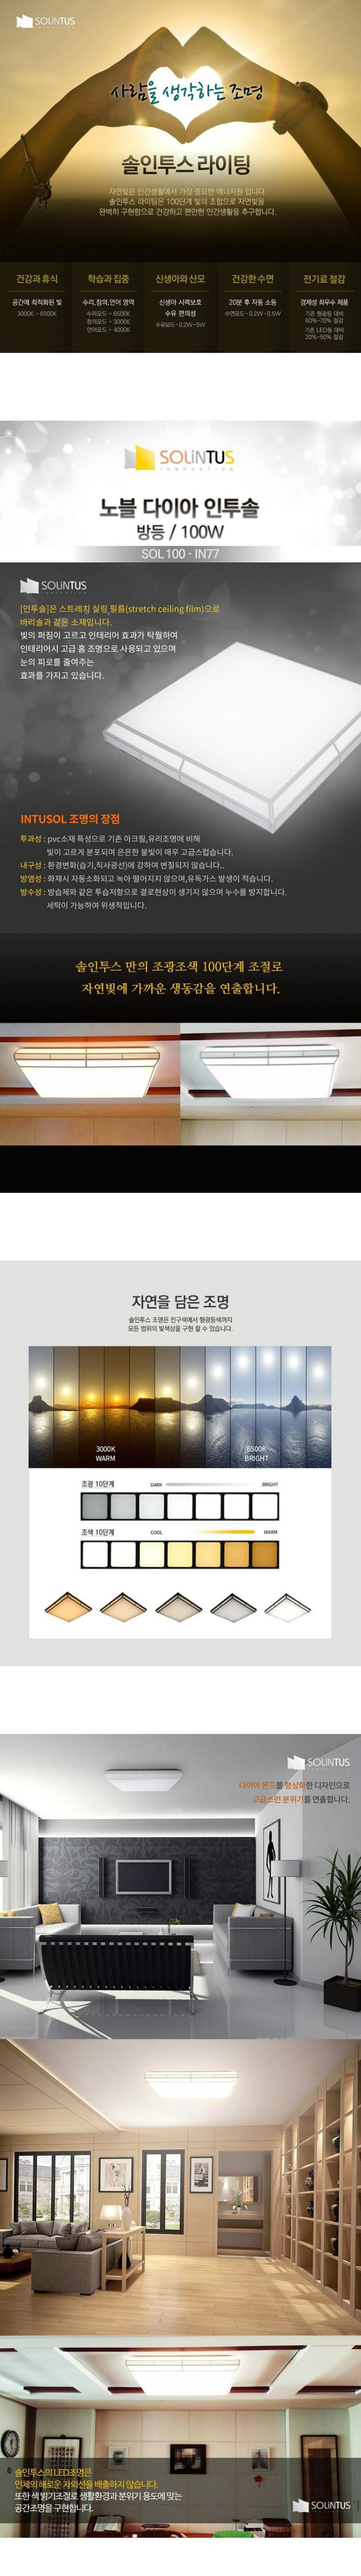 노블다이아 인투솔 LED거실등100W(리모컨포함) 상세 1.jpg